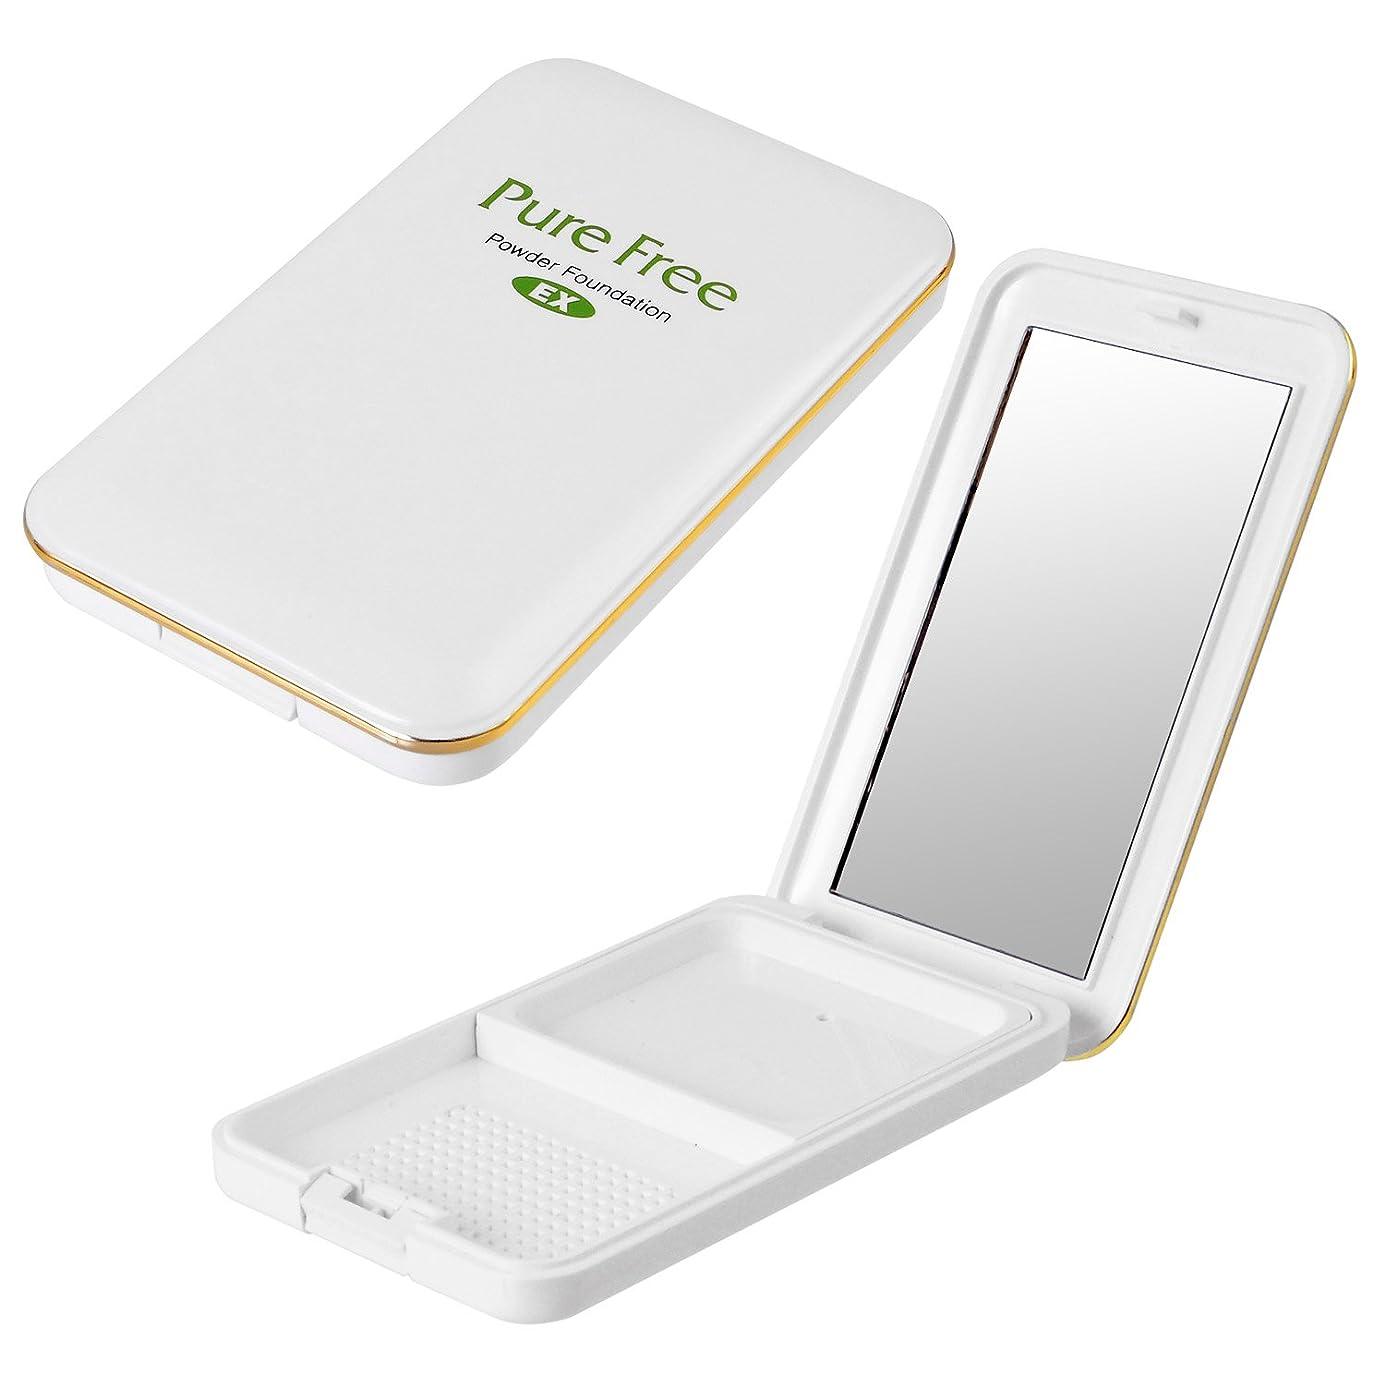 タイプ融合手つかずのPure Free (ピュアフリー) パウダーファンデーションEXコンパクト(専用パレット) オーガニック 正規品 ファンデーション専用パレット